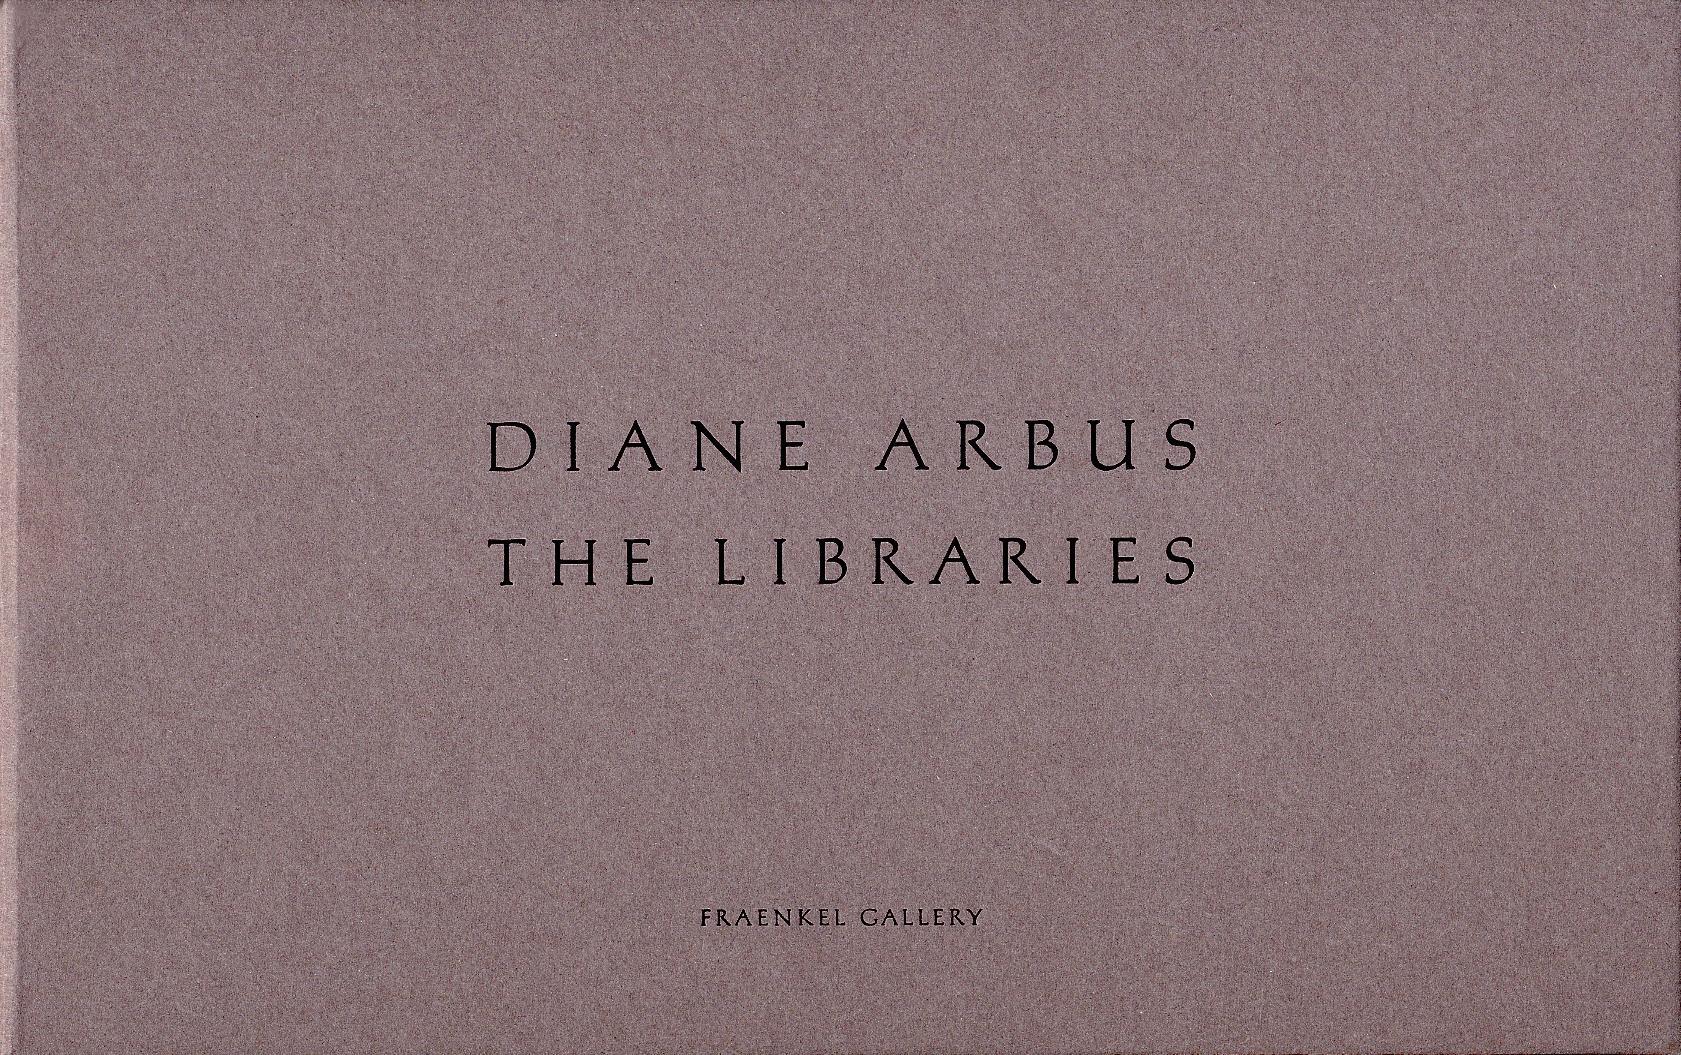 Diane Arbus: The Libraries - ARBUS, Diane, ARBUS, Doon